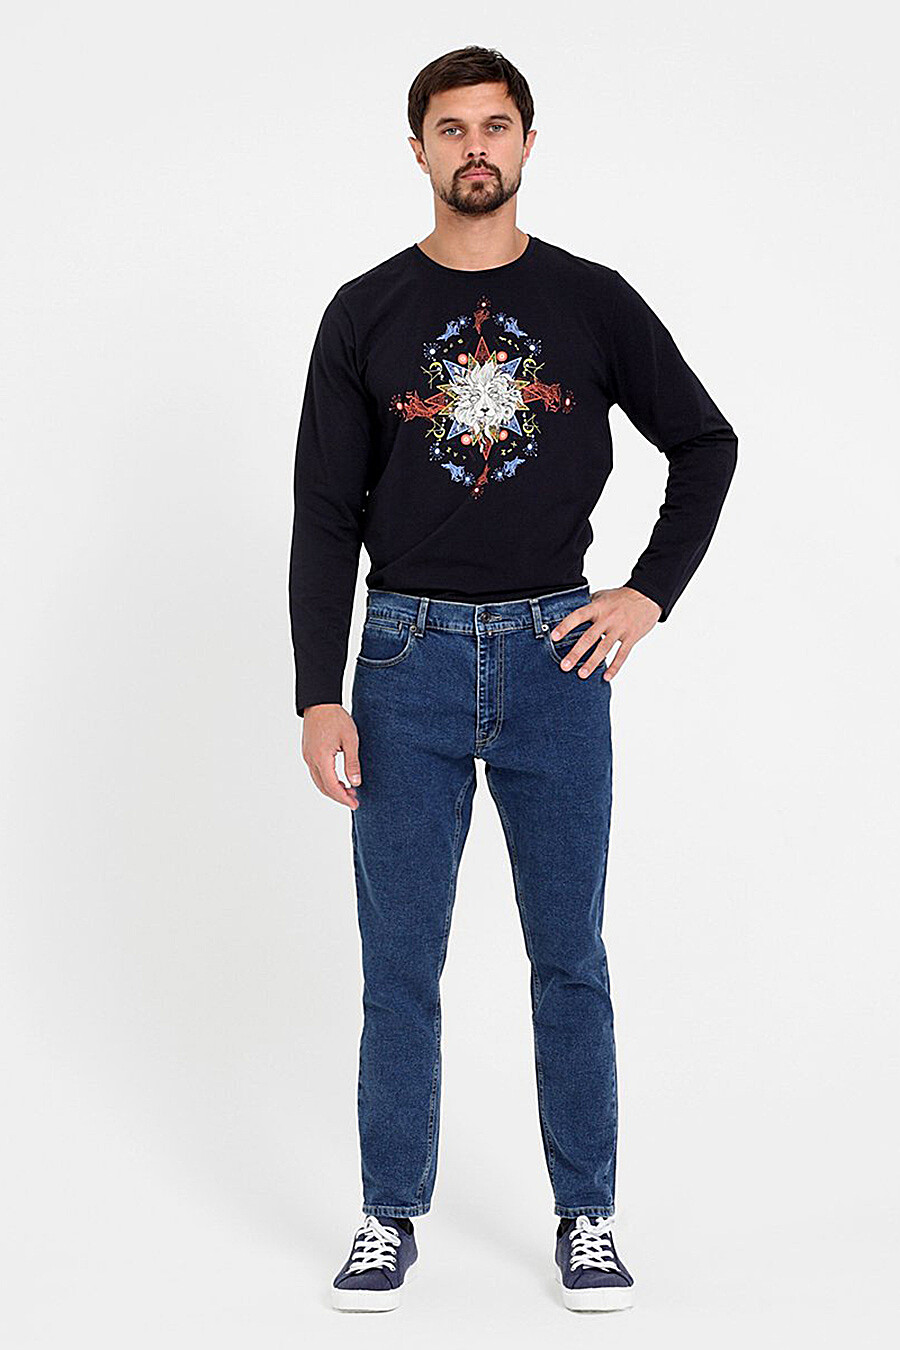 Джинсы для мужчин F5 153308 купить оптом от производителя. Совместная покупка мужской одежды в OptMoyo